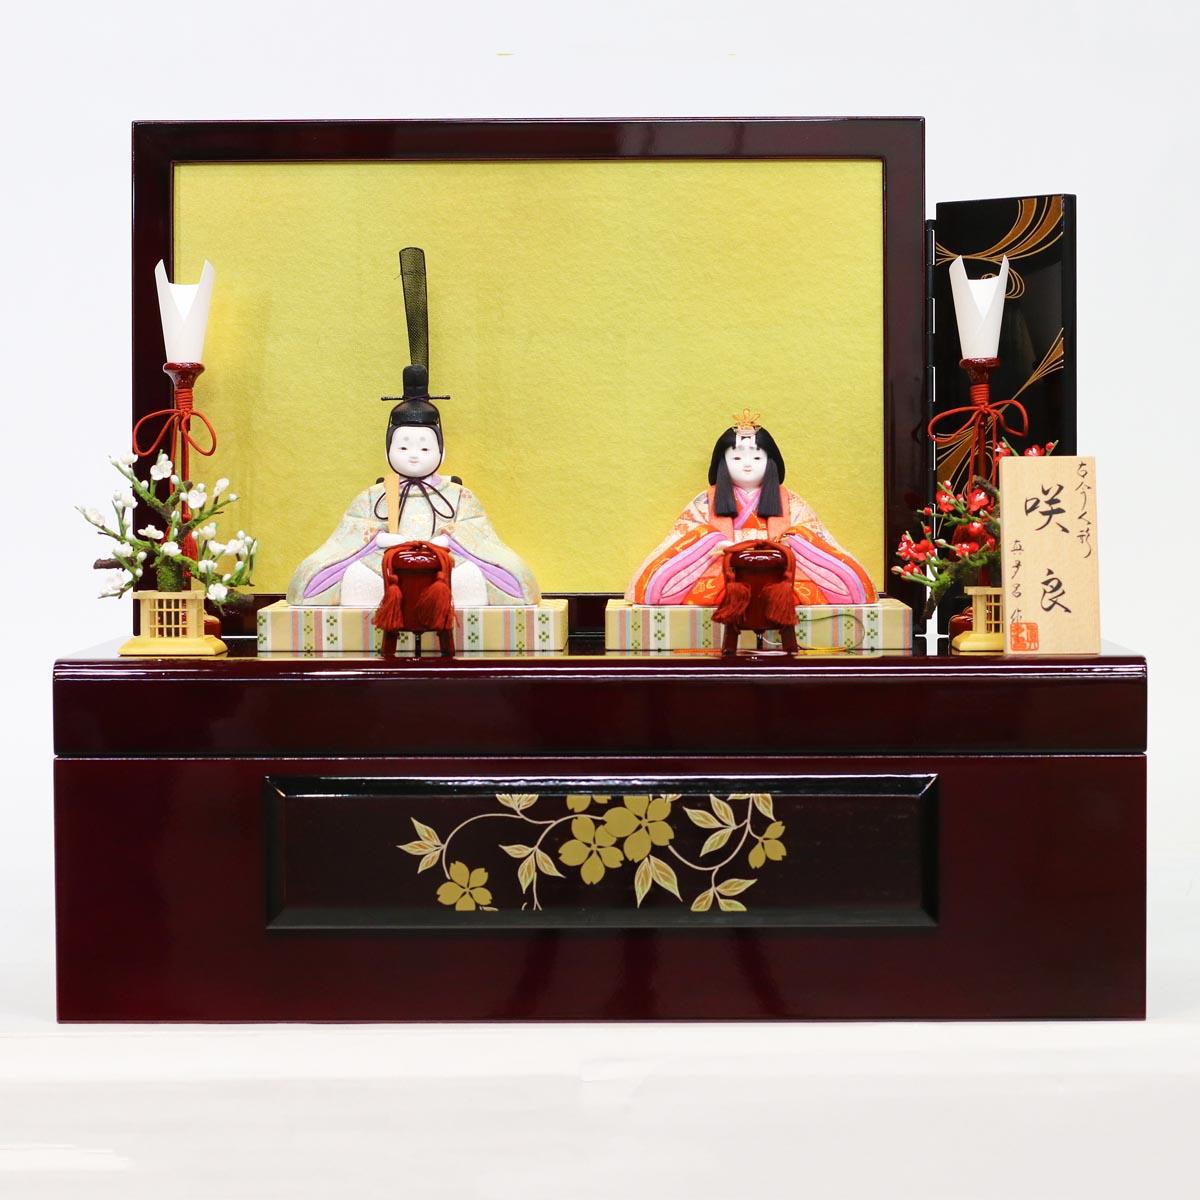 雛人形 真多呂 コンパクト 木目込み飾り 真多呂作 木目込み雛人形 咲良セット 収納飾り 雛人形 HNM-1294 (31)ひな人形 かわいい おしゃれ インテリア 雛 木目込人形飾り [P10]